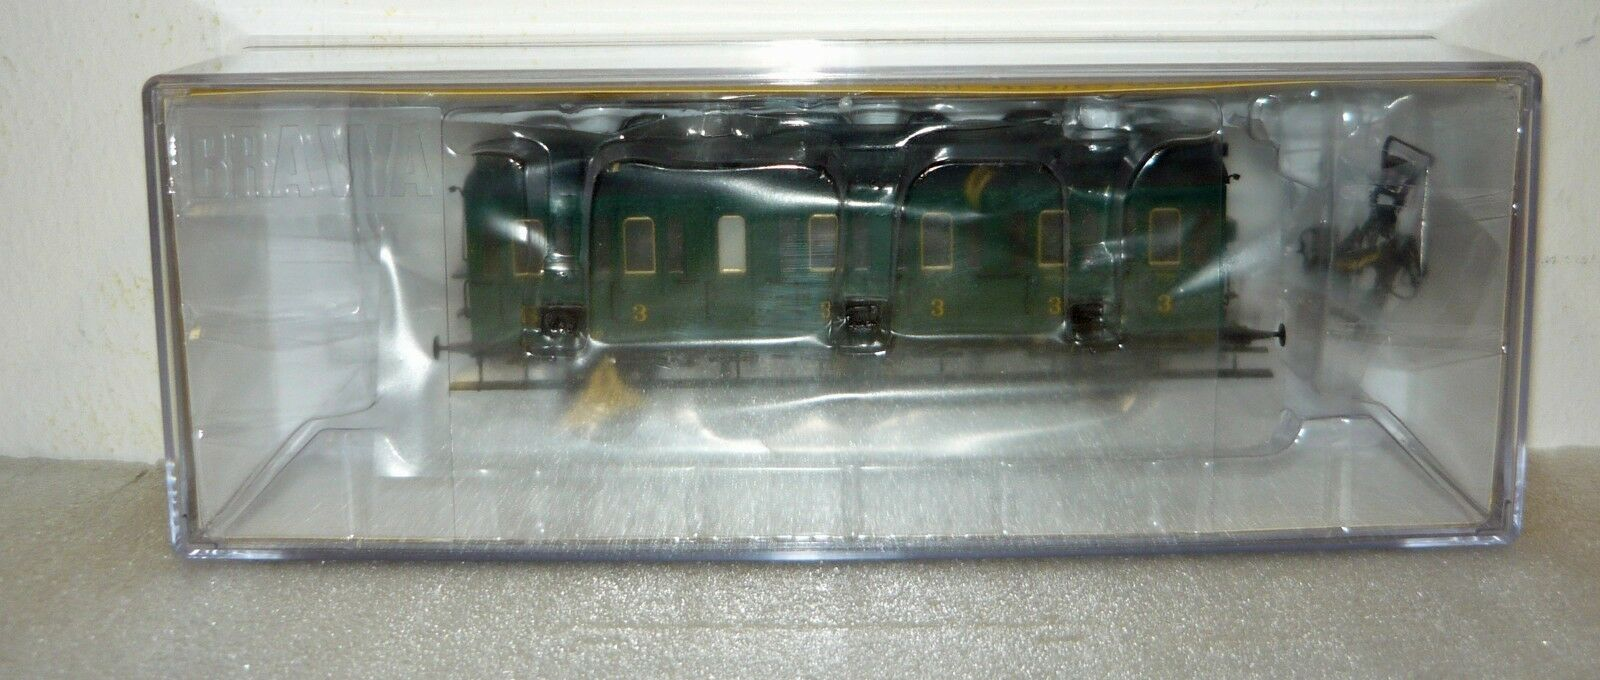 BRAWA 48455, compartimento CARRELLO C della SNCB,  53967, Epoca III, h0, neu&ovp